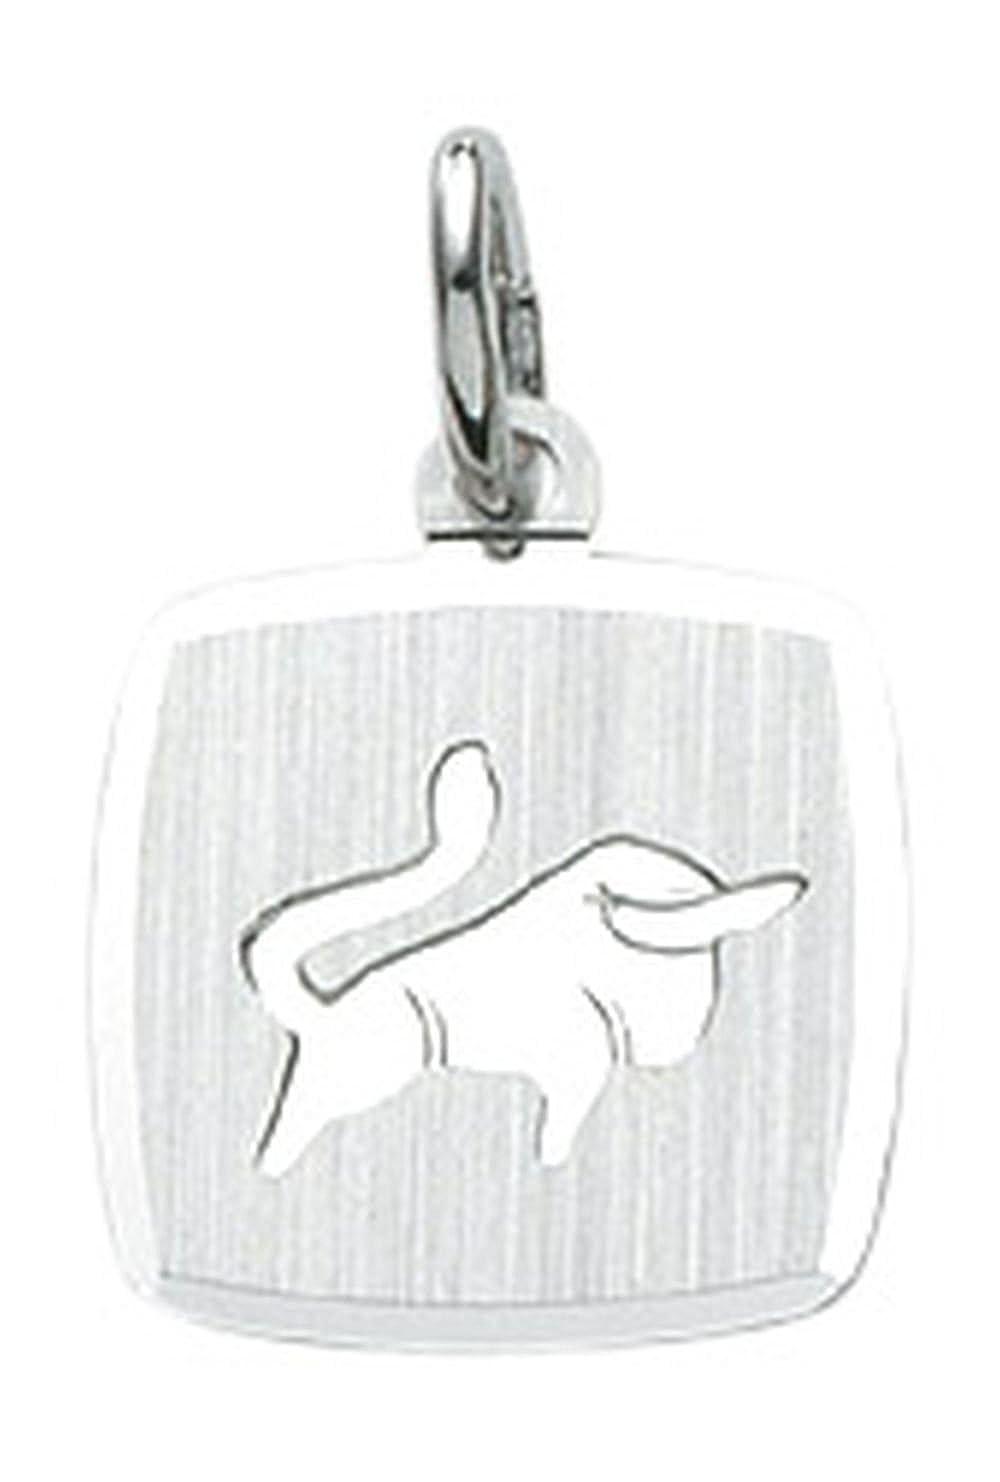 Signo llavero de toro de plata de ley 925: Amazon.es: Joyería